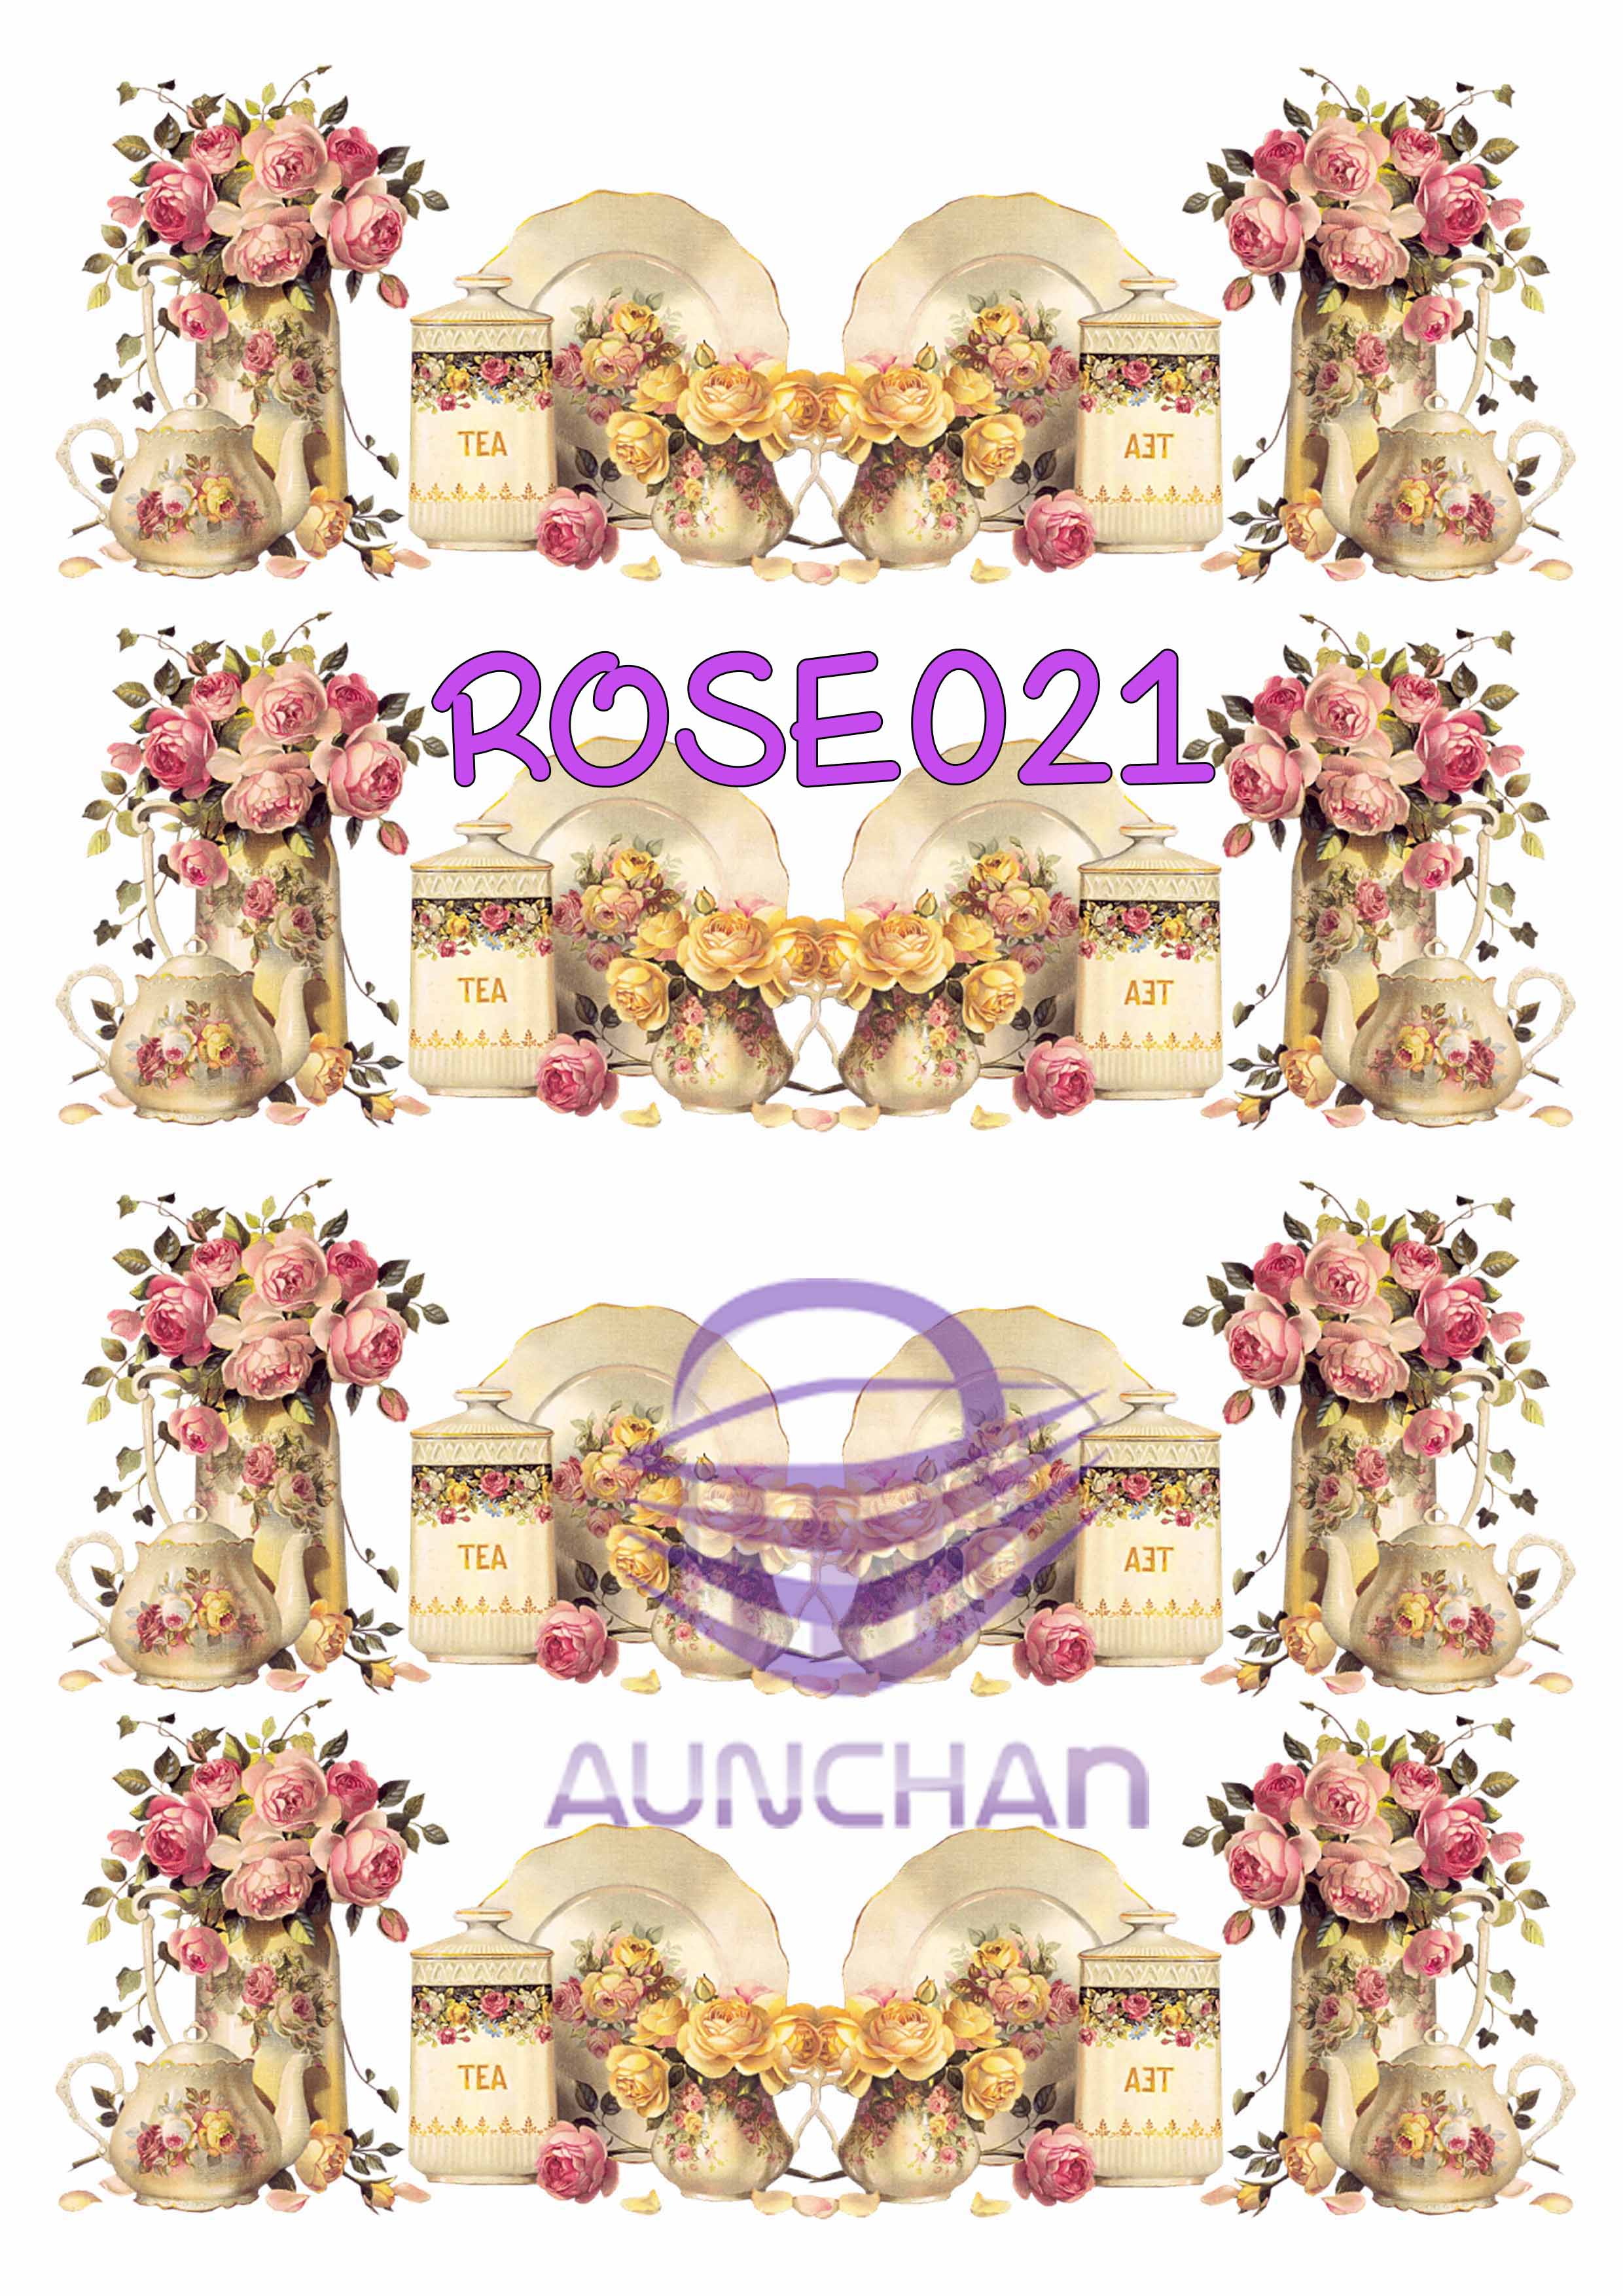 ROSE021 กระดาษแนพกิ้น 21x30ซม. ลายกุหลาบ